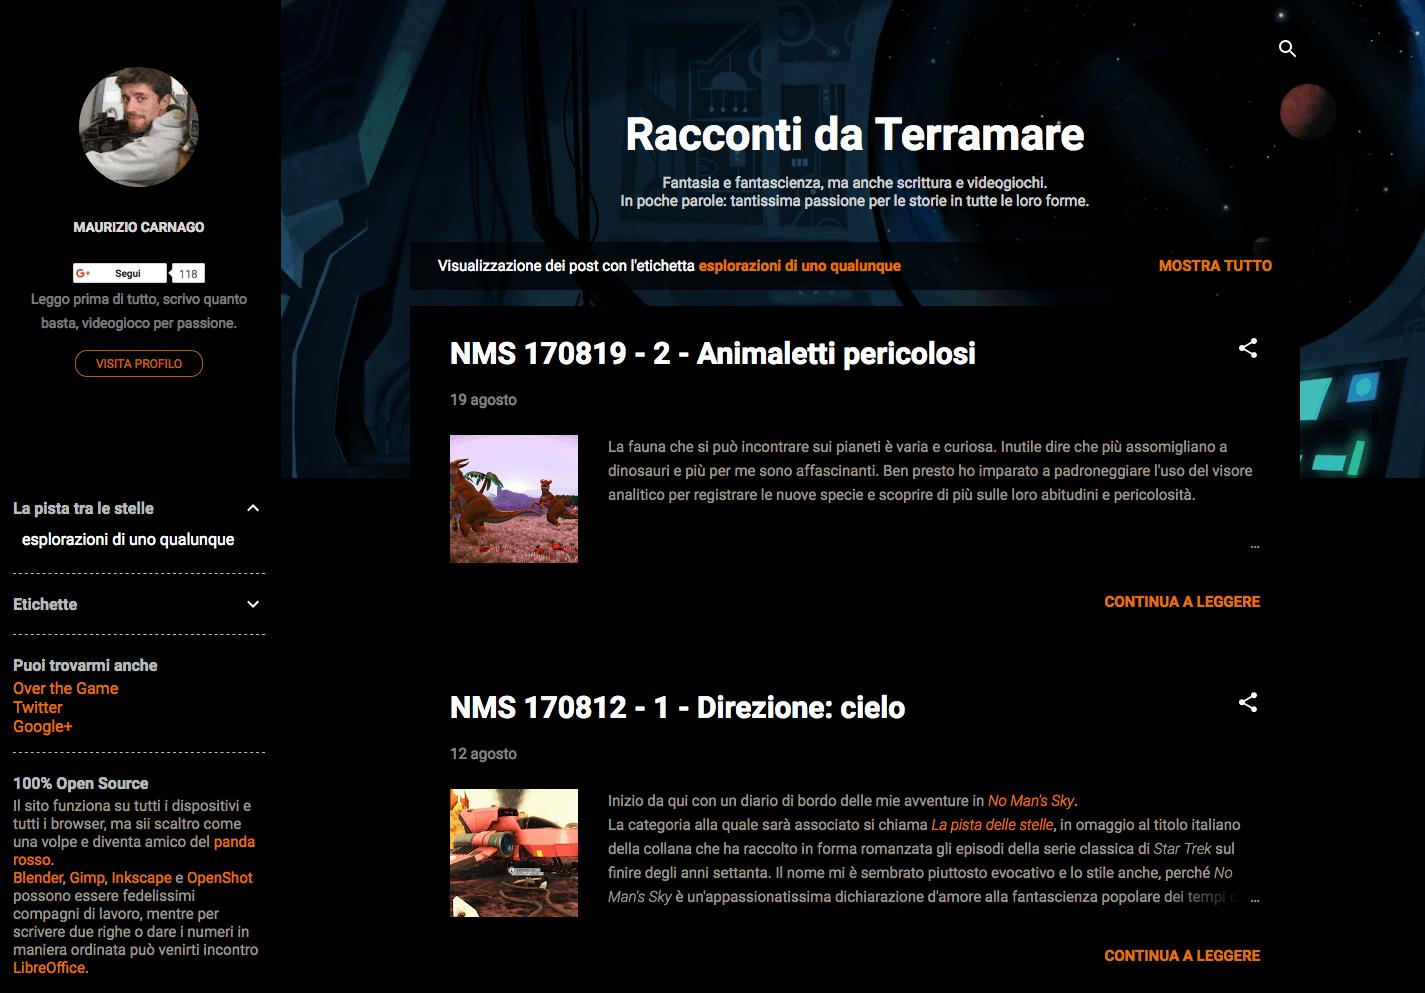 Blog: Racconti da Terramare